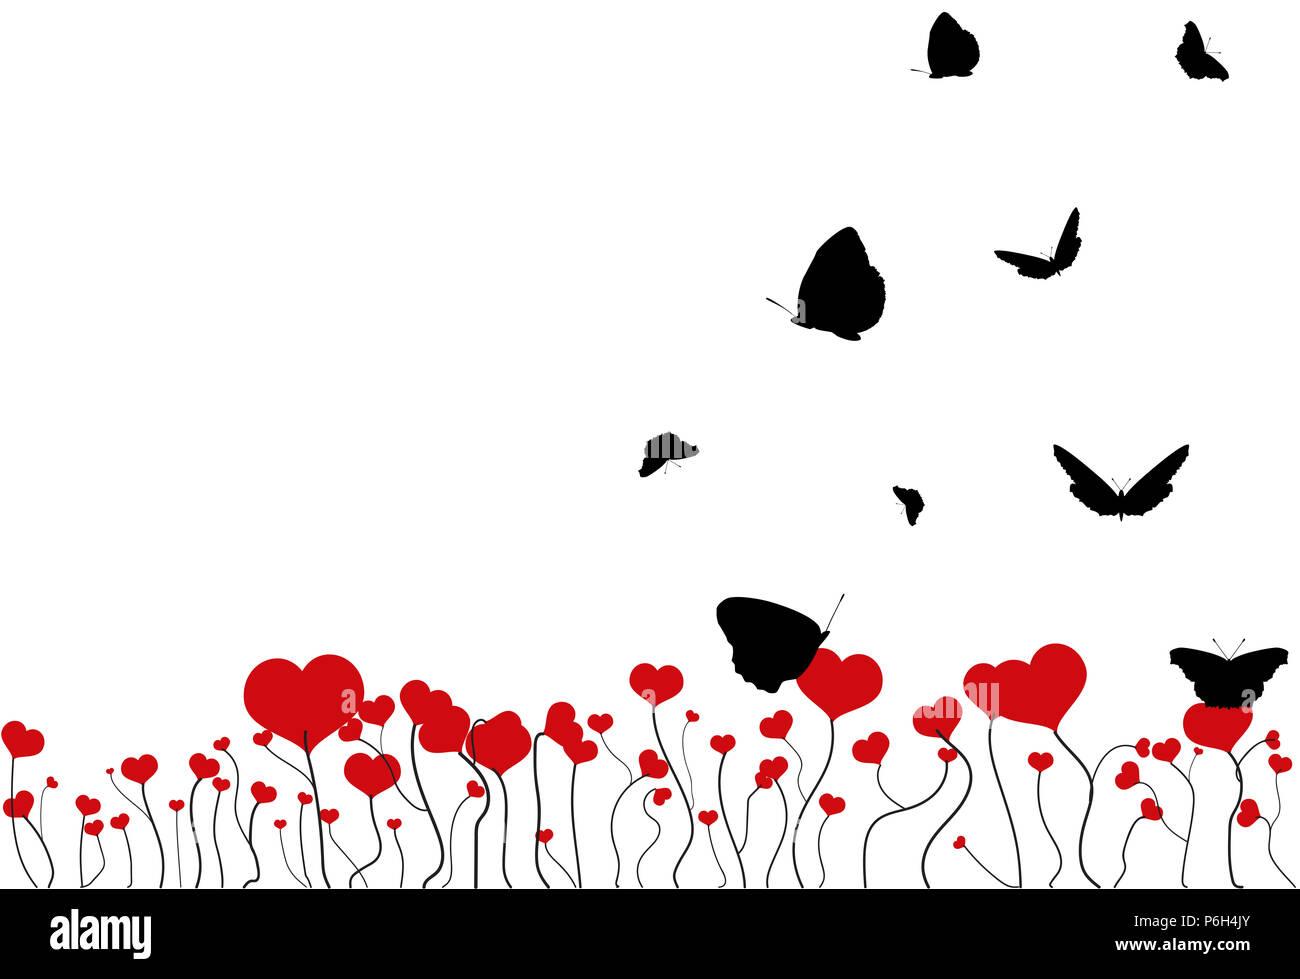 Campo Fiore Con Cuore Rosso E Nero Volanti Sagome Di Farfalle